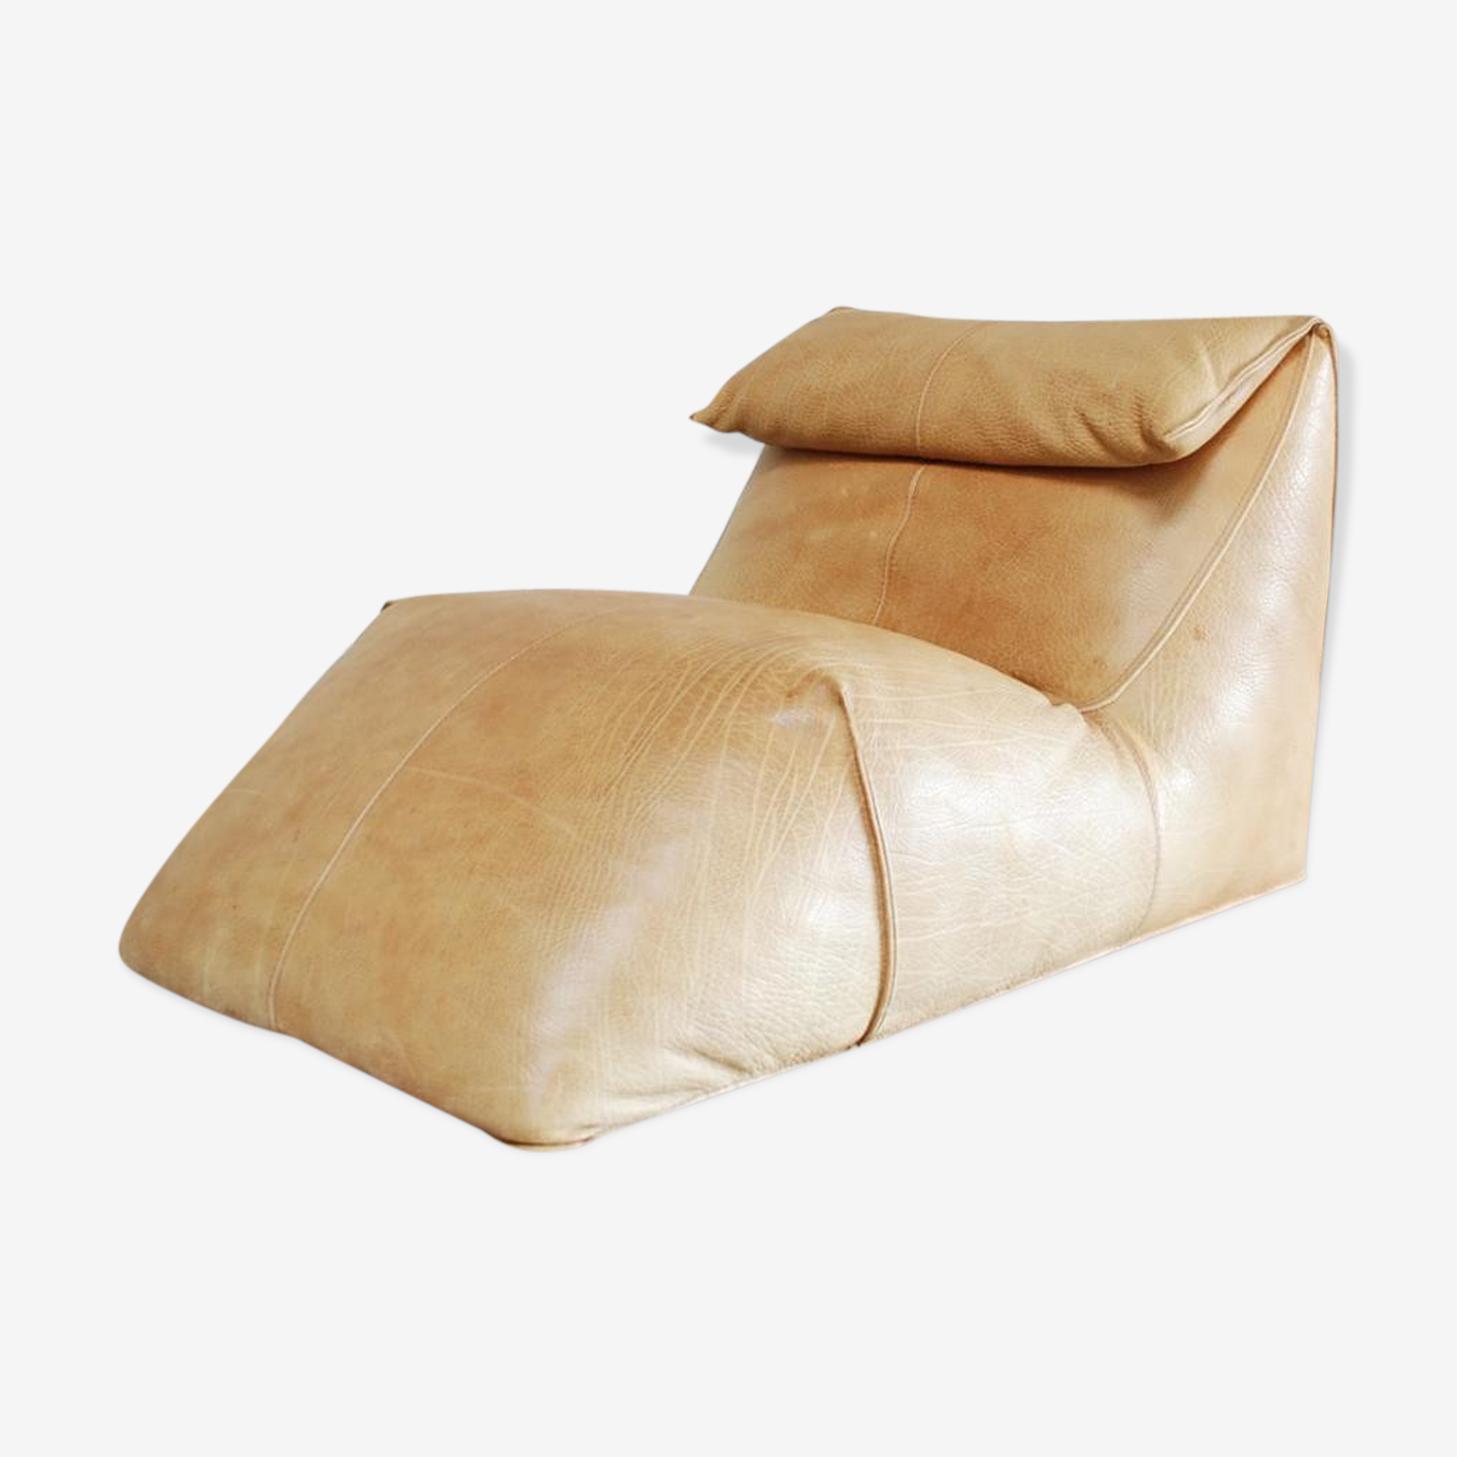 Chaise longue Le Bambole  en cuir par Mario Bellini pour B&B Italia